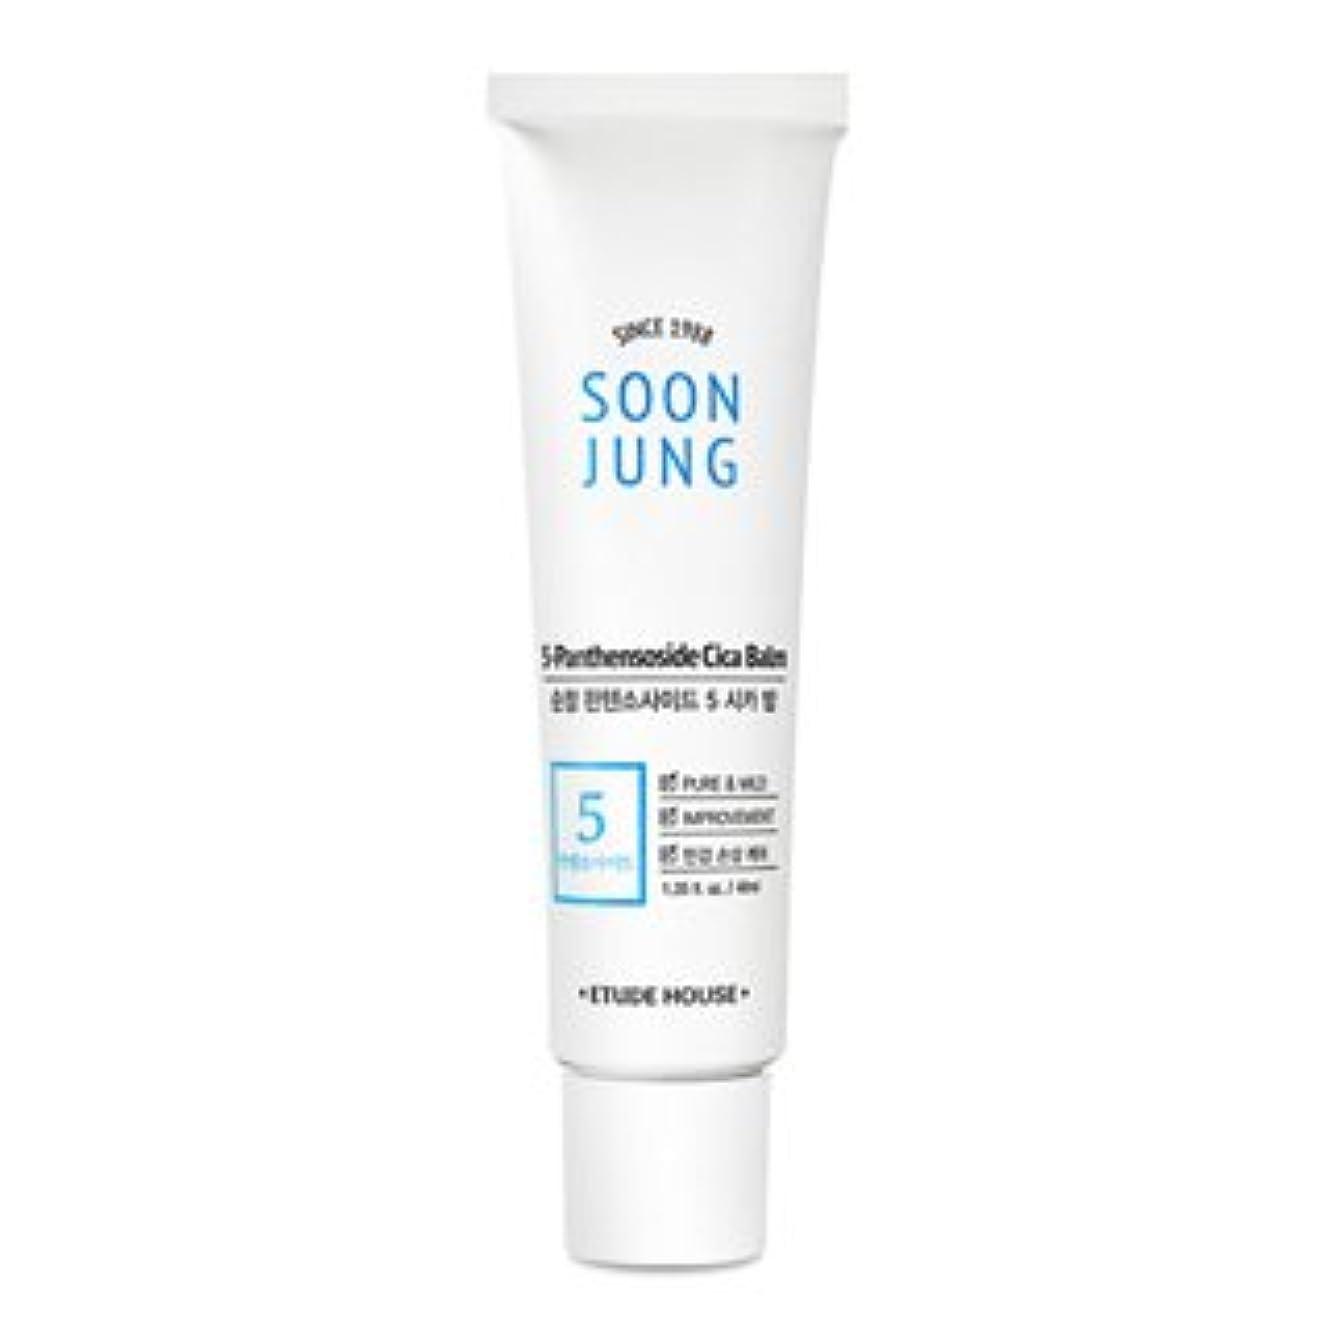 ぼろだますレイアウト[New] ETUDE HOUSE Soon Jung 5-Panthensoside Cica Balm/エチュードハウス スンジョン 5-パンテンソシド シカ バーム (40ml) [並行輸入品]